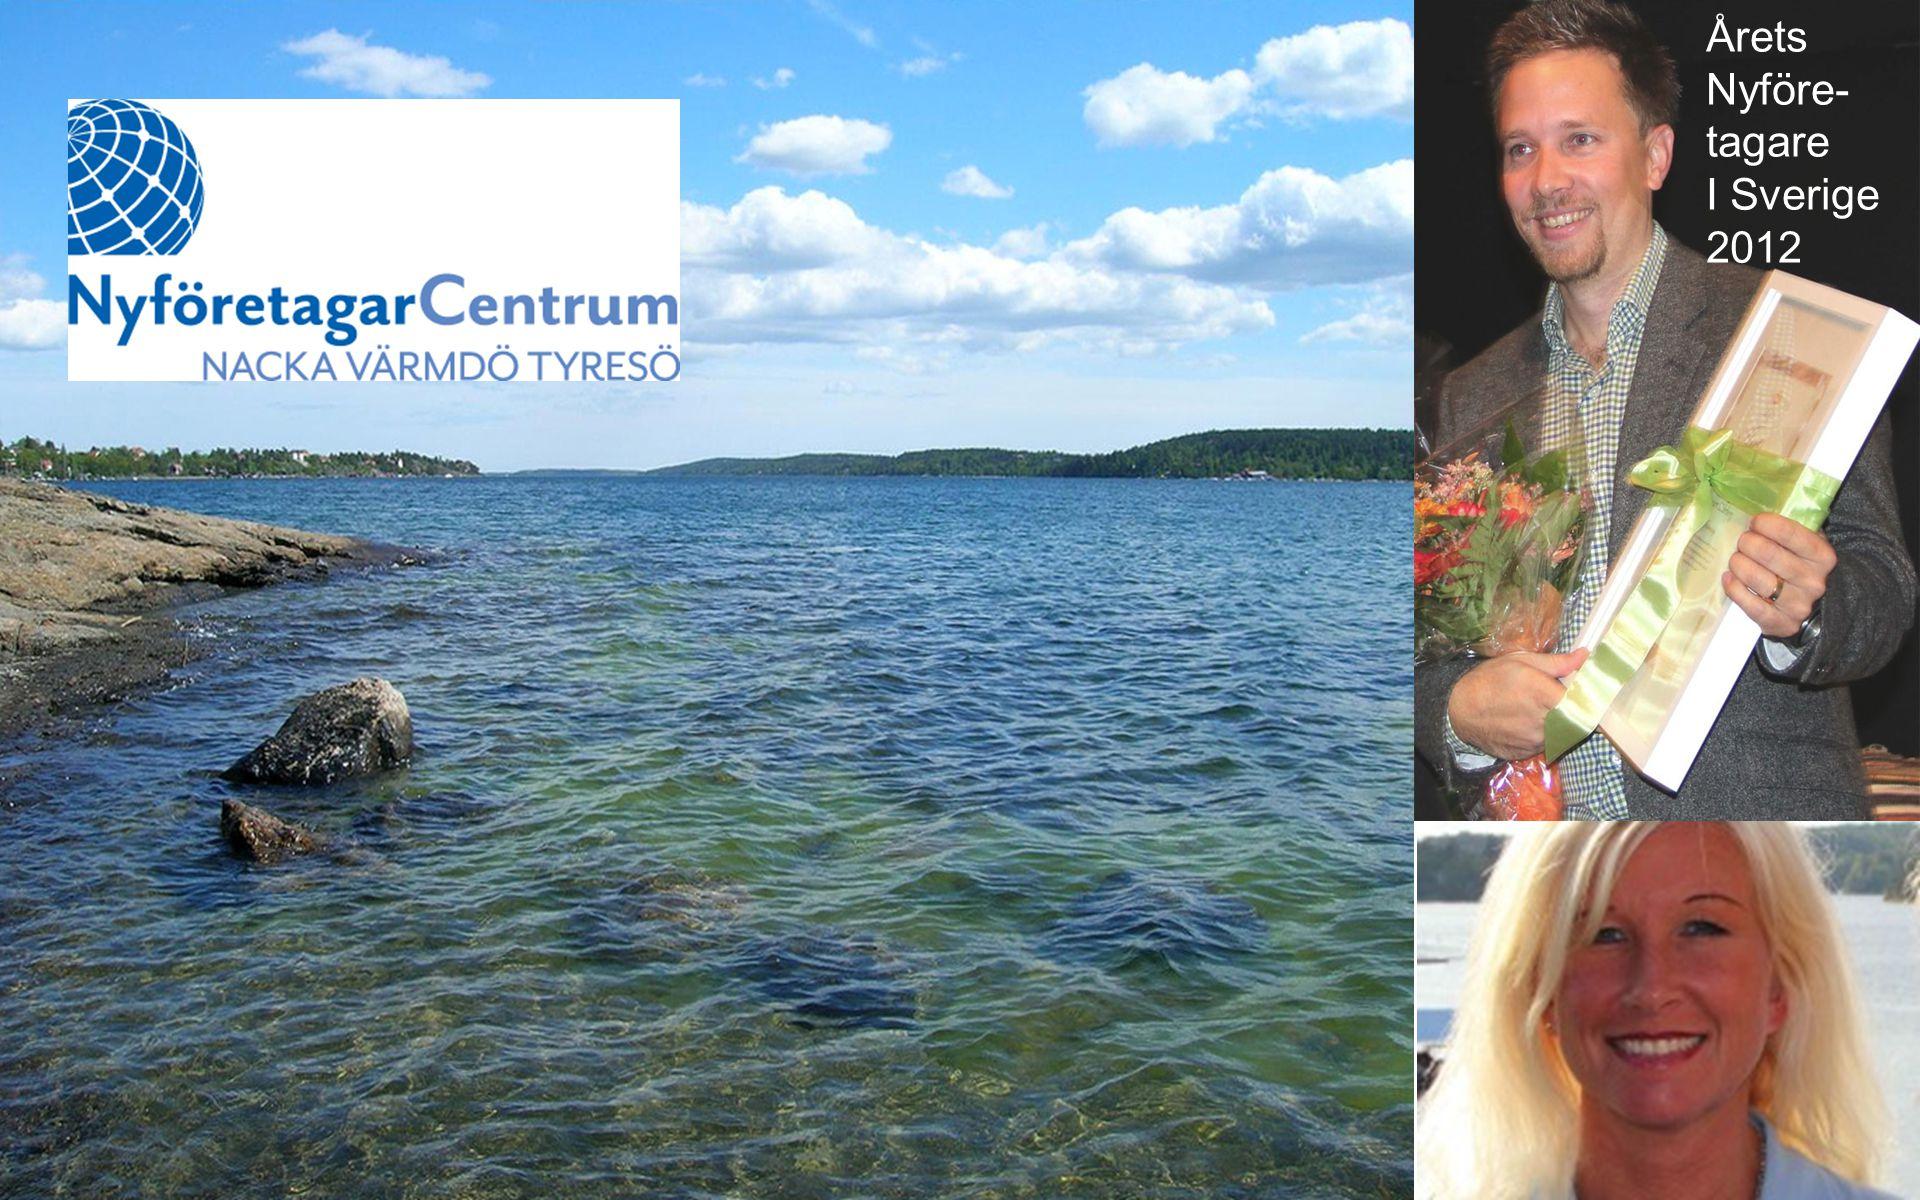 Årets Nyföre- tagare I Sverige 2012 Välkommen till